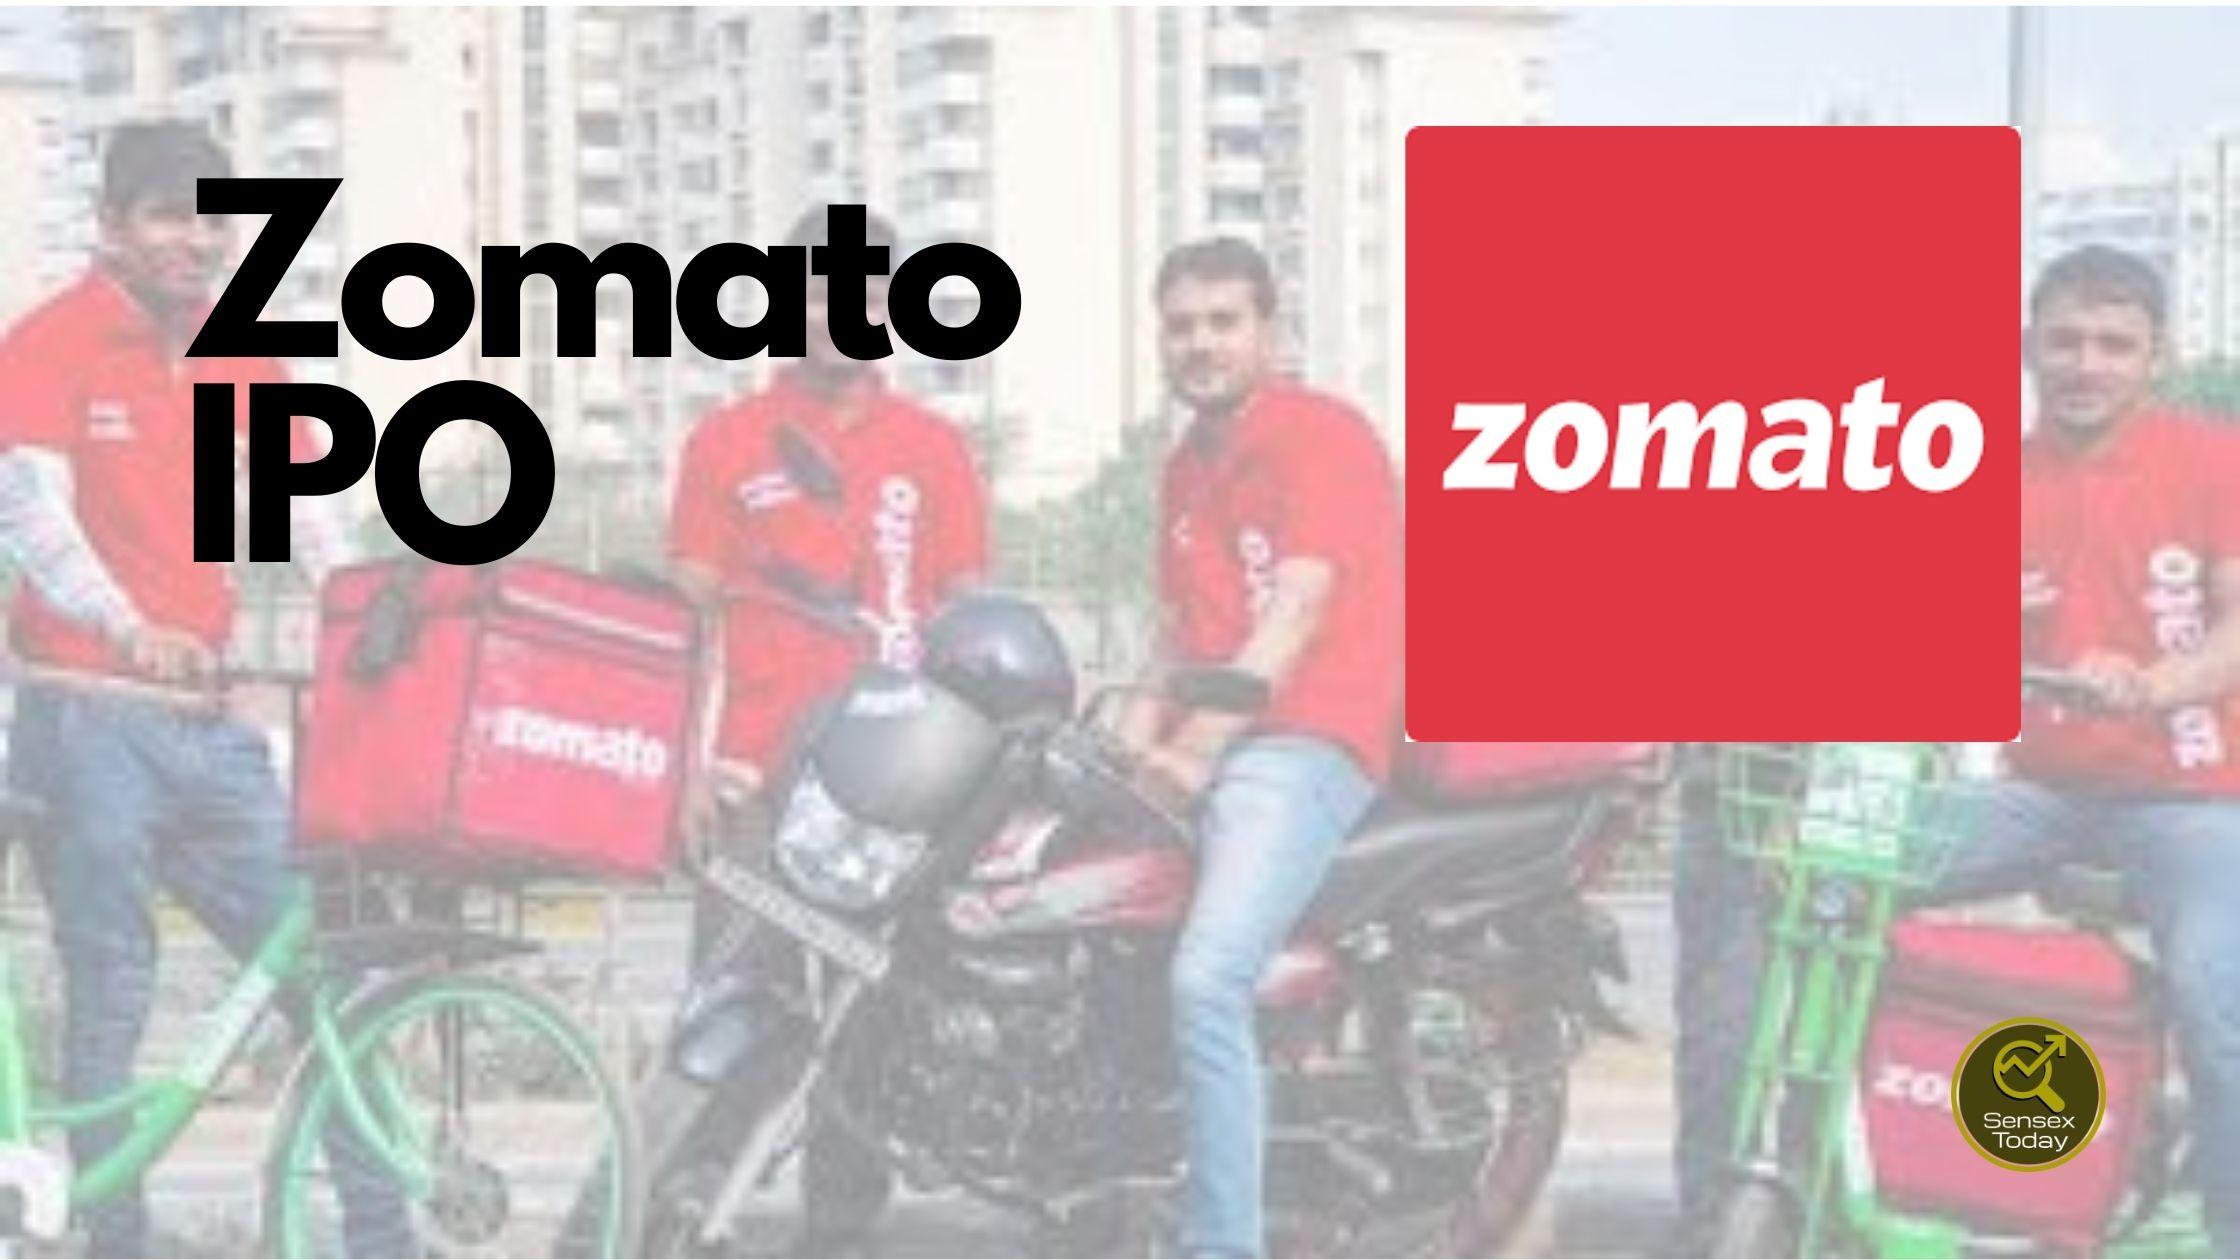 zomato_IPO